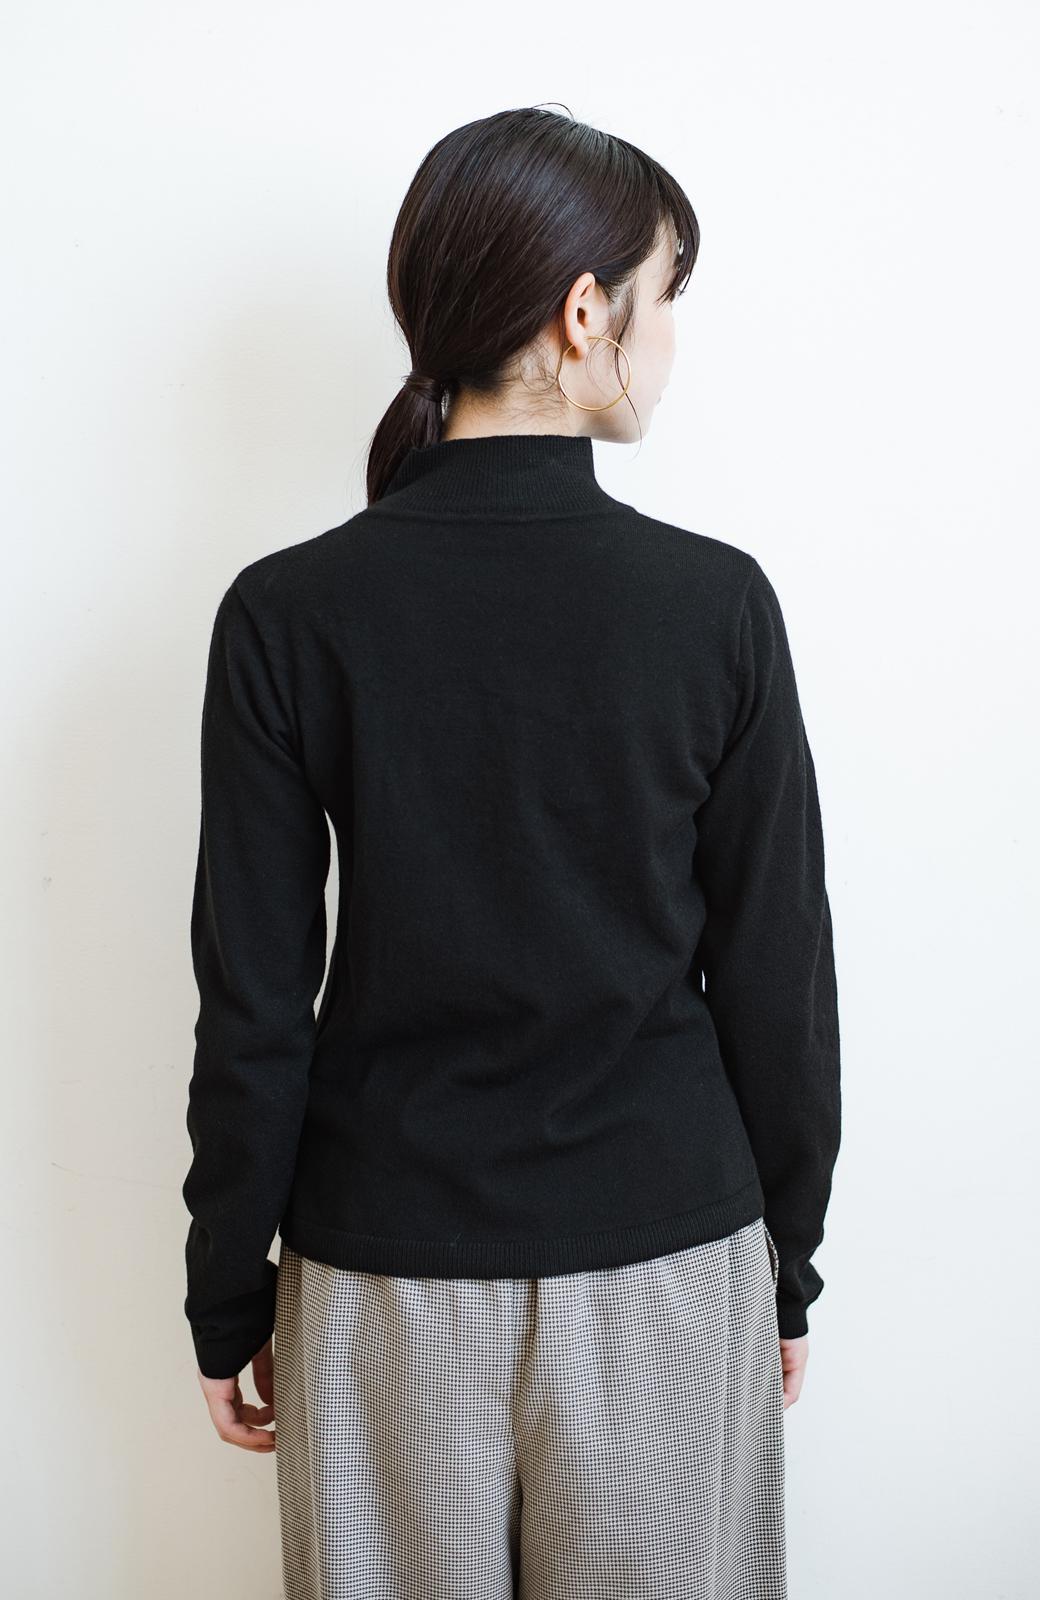 haco! 【高橋愛さんコラボ】本当に使えるニットを吟味! 重ね着に便利な刺繍入りハイネック&クルーネックニットトップス2枚セット by LOVE&PEACE PROJECT <ブラック・ボルドー>の商品写真23